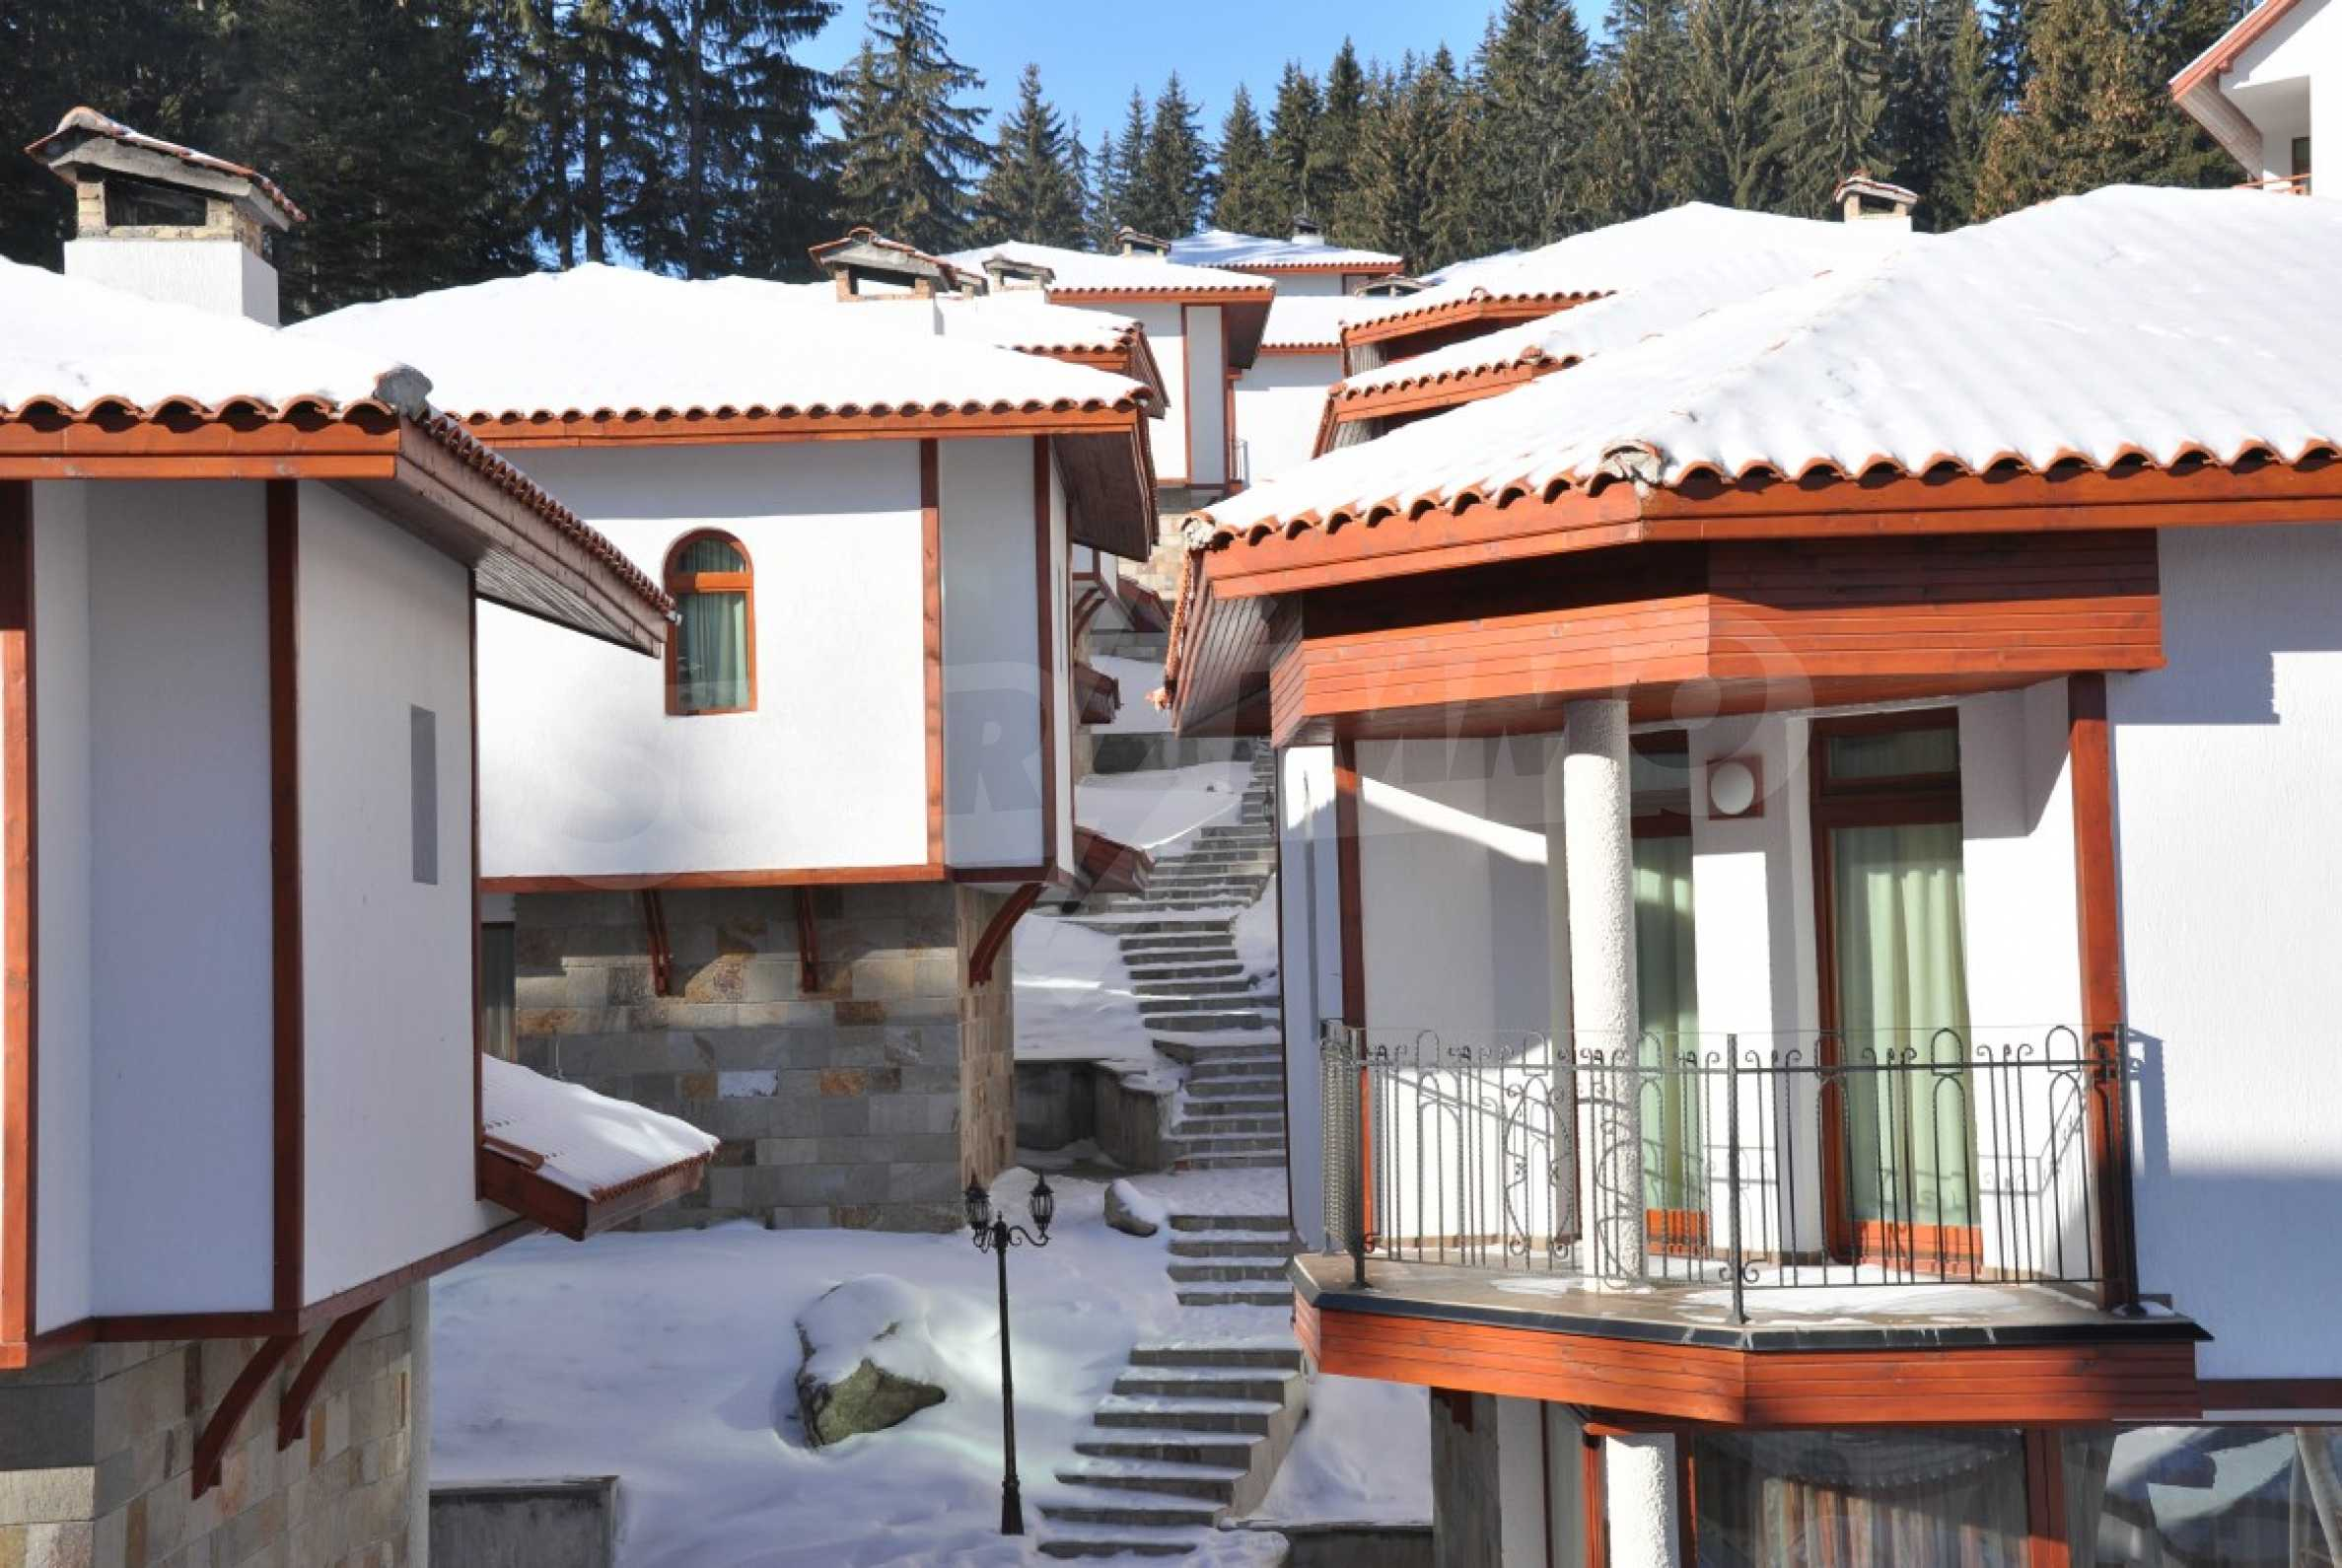 Апартаменти на атрактивни цени в планински ваканционен комплекс в Пампорово 27